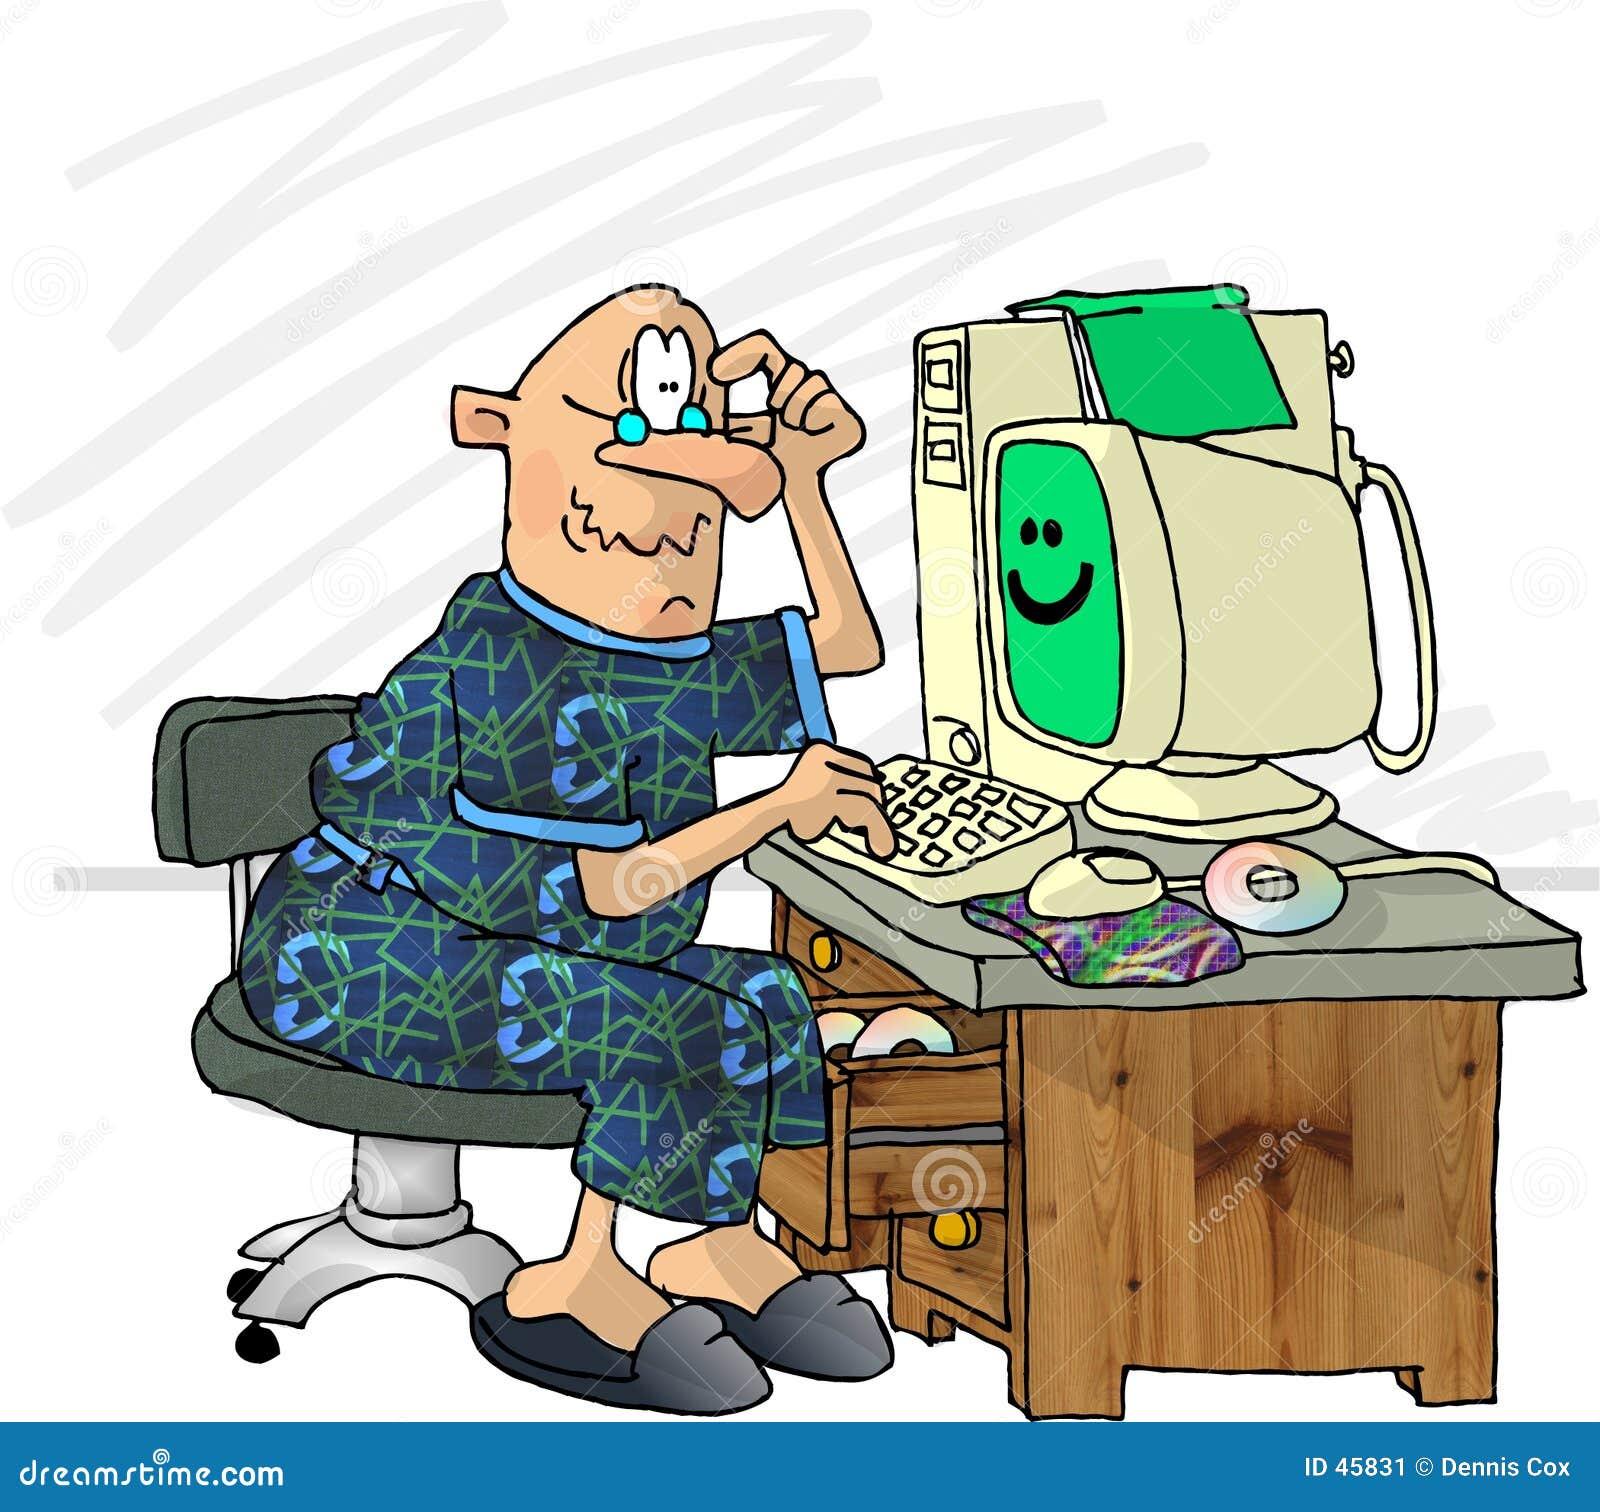 Komputer sfrustrowany użytkownika